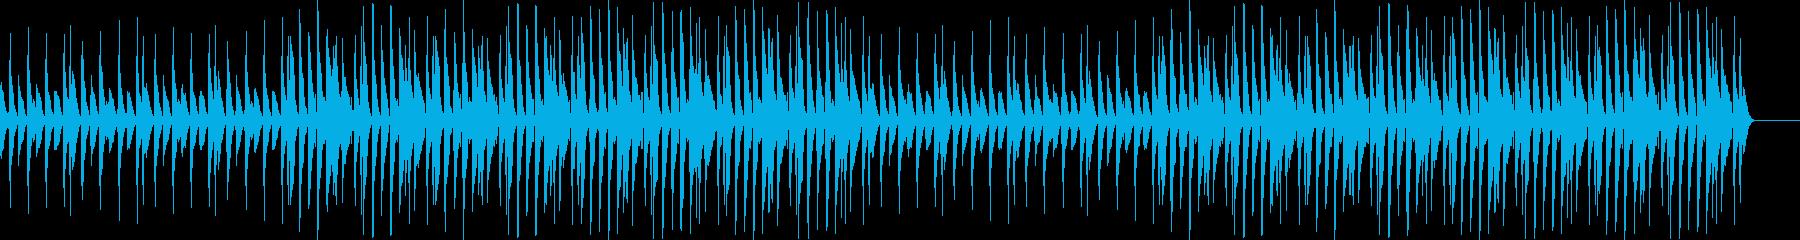 オープニング・楽しい・ウクレレ・WEBの再生済みの波形